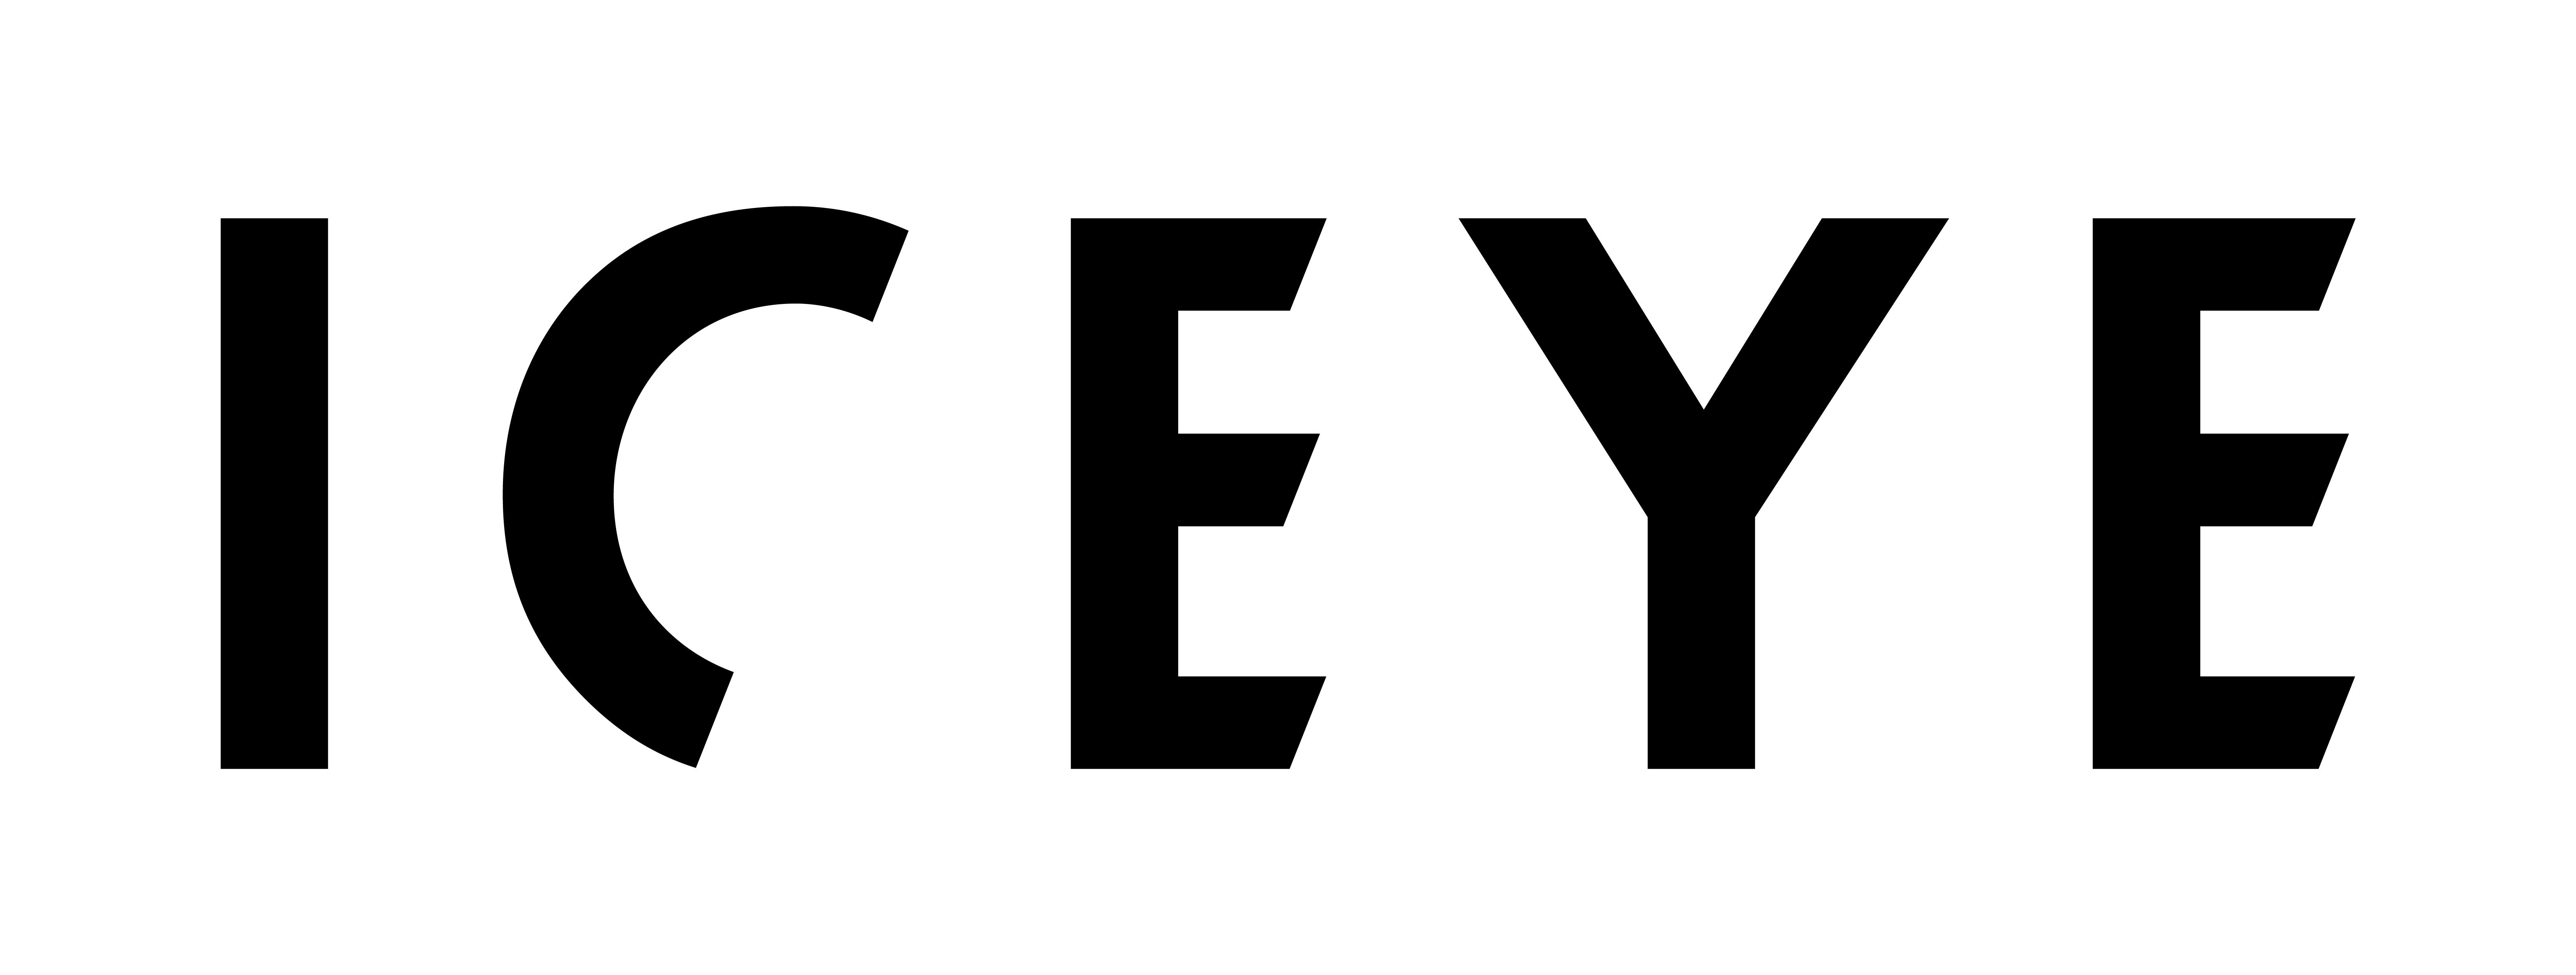 ICEYE Polska Ltd.